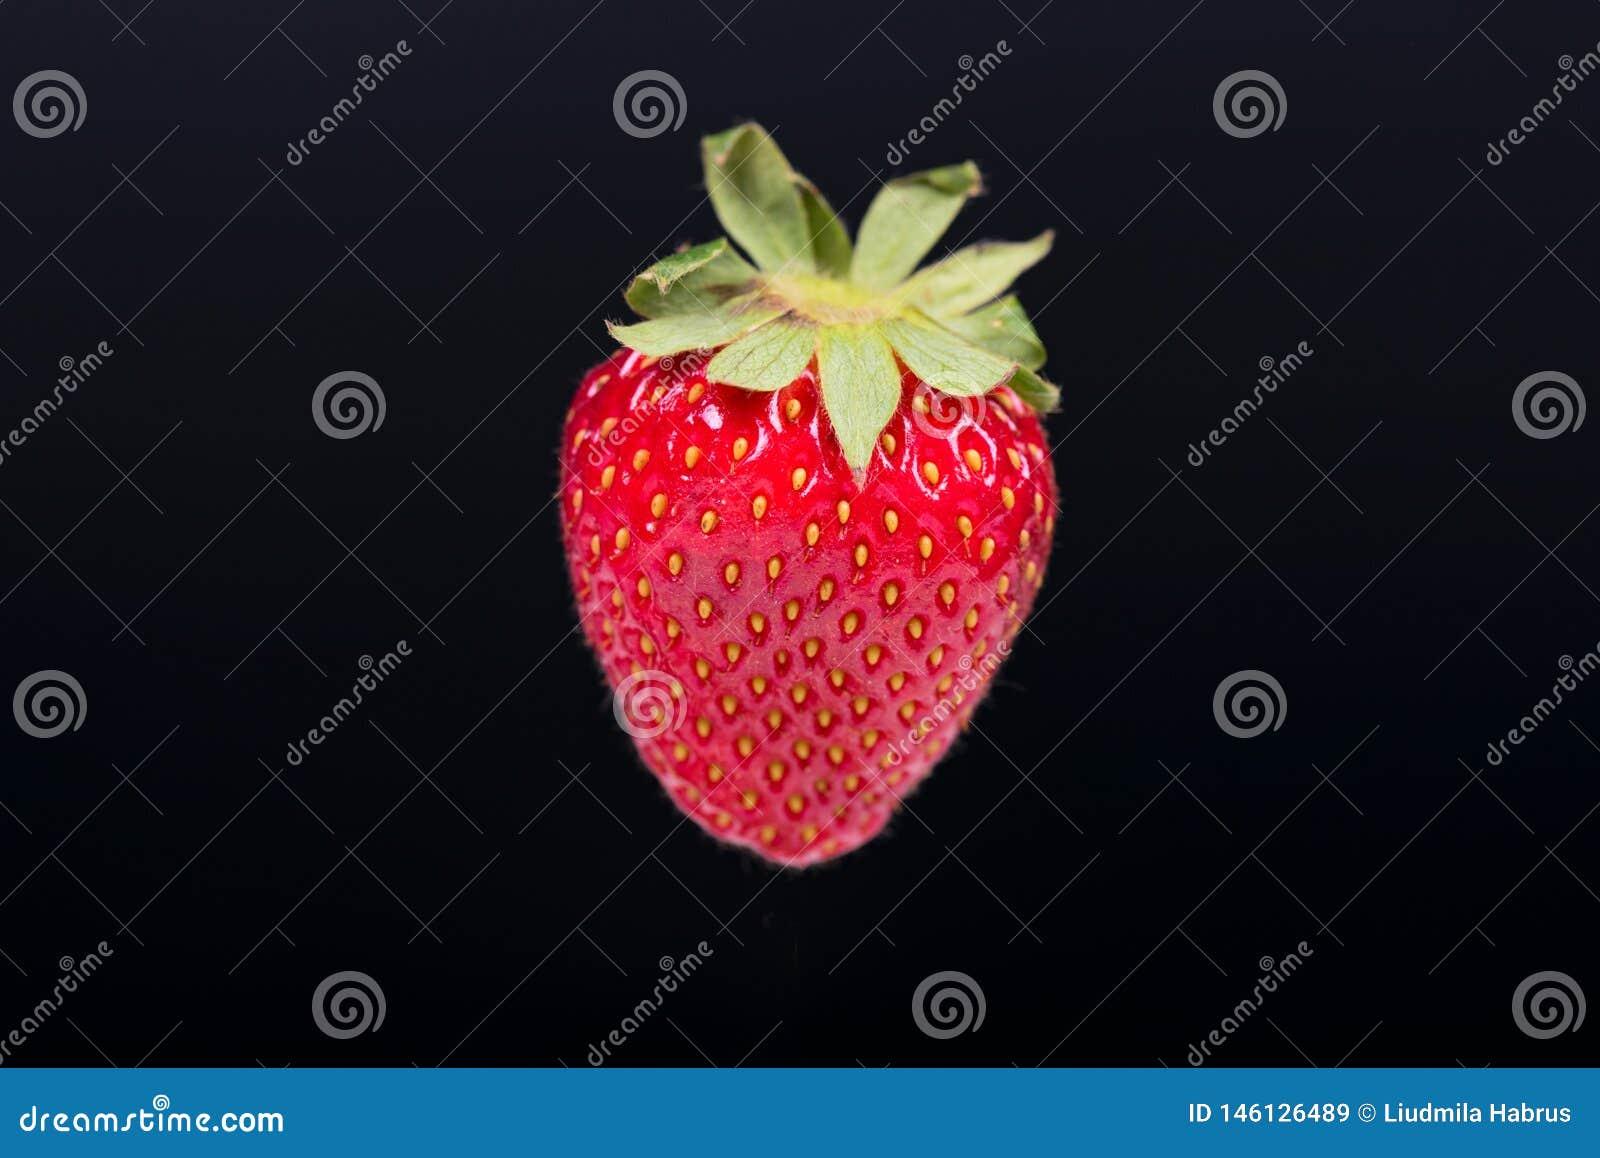 Morango madura vermelha em um fundo escuro sem uma sombra